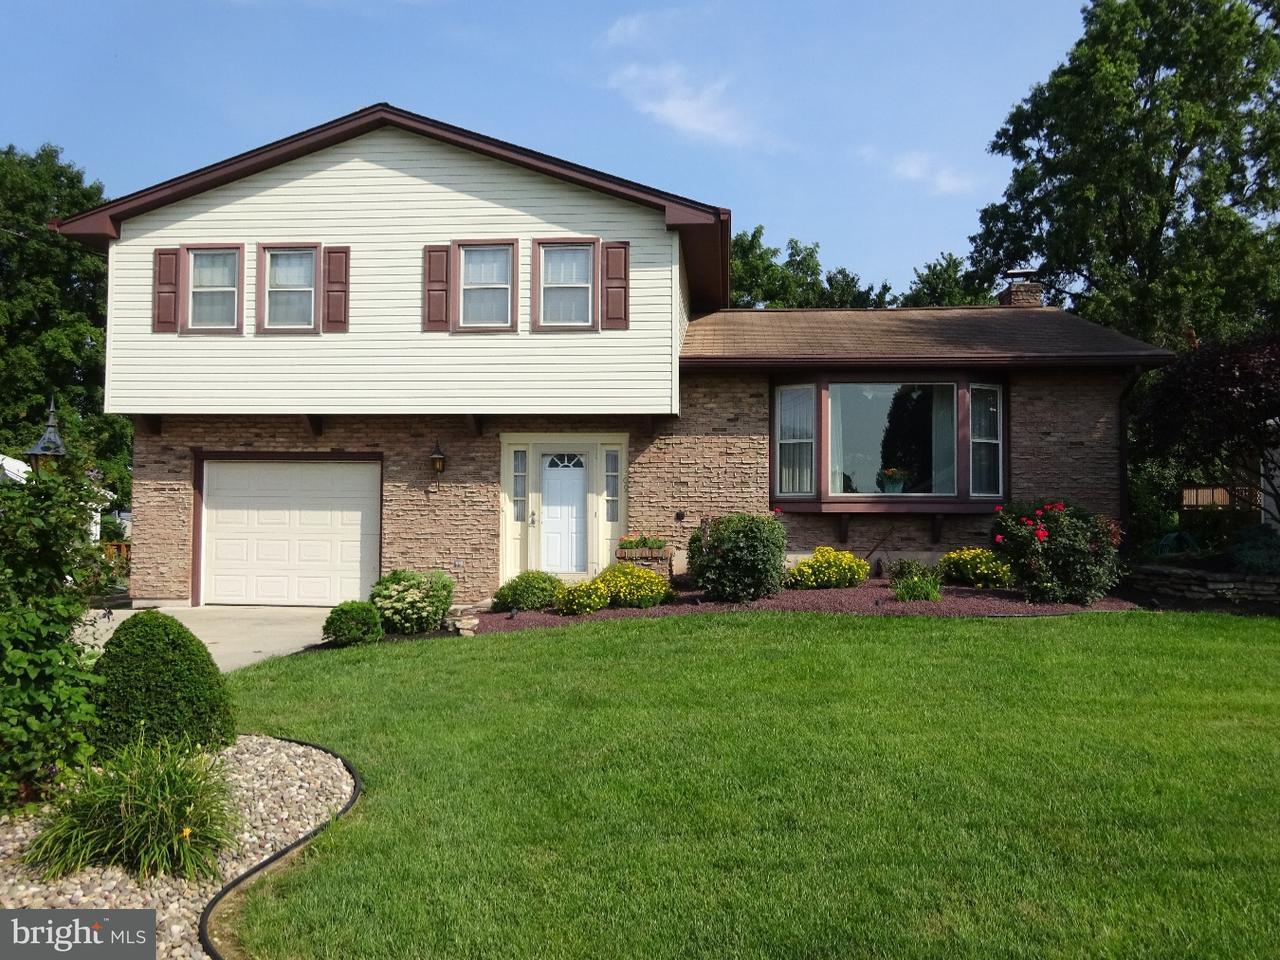 Maison unifamiliale pour l Vente à 209 MCKINLEY Myerstown, Pennsylvanie 17067 États-Unis